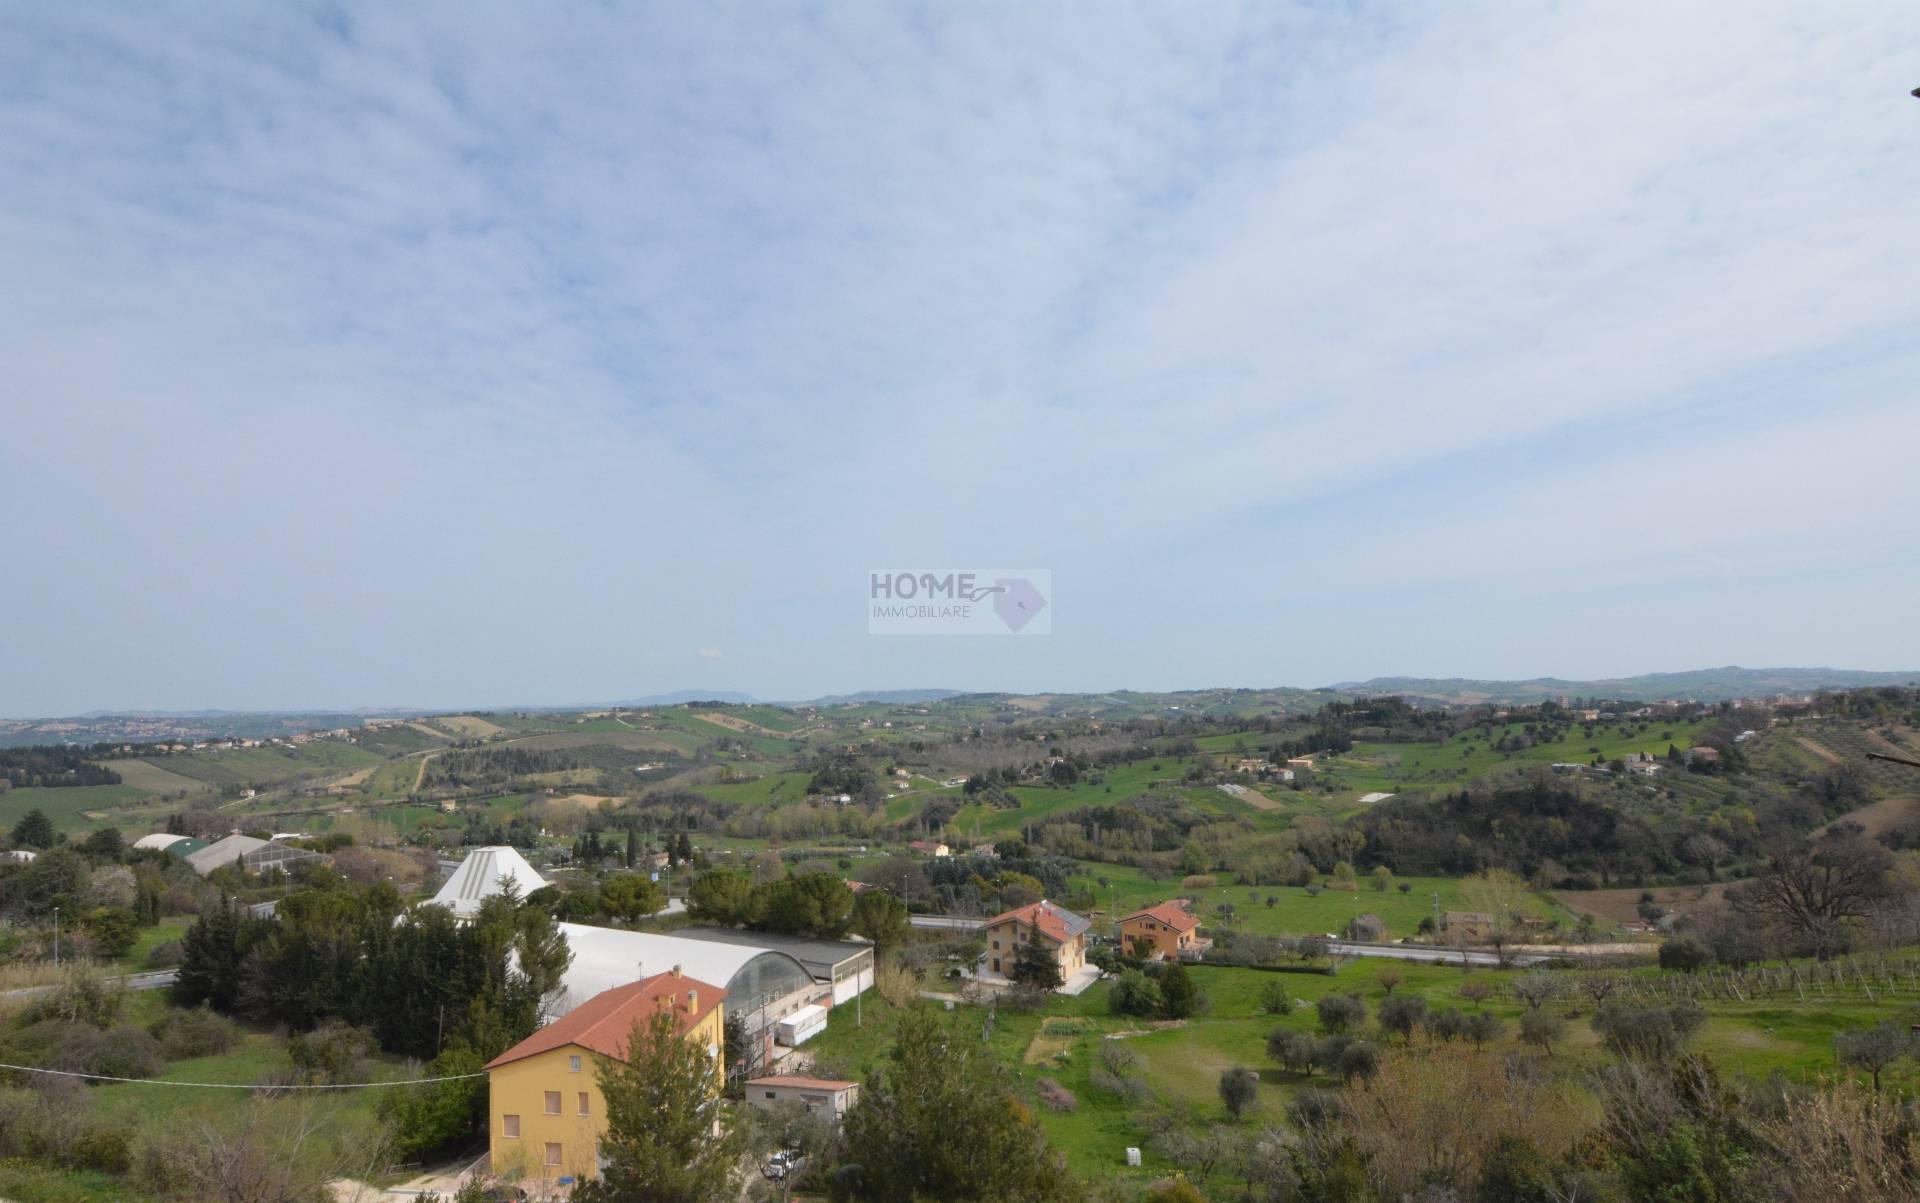 Appartamento in vendita a Macerata, 9 locali, zona Località: ZonaStadio, prezzo € 90.000 | Cambio Casa.it